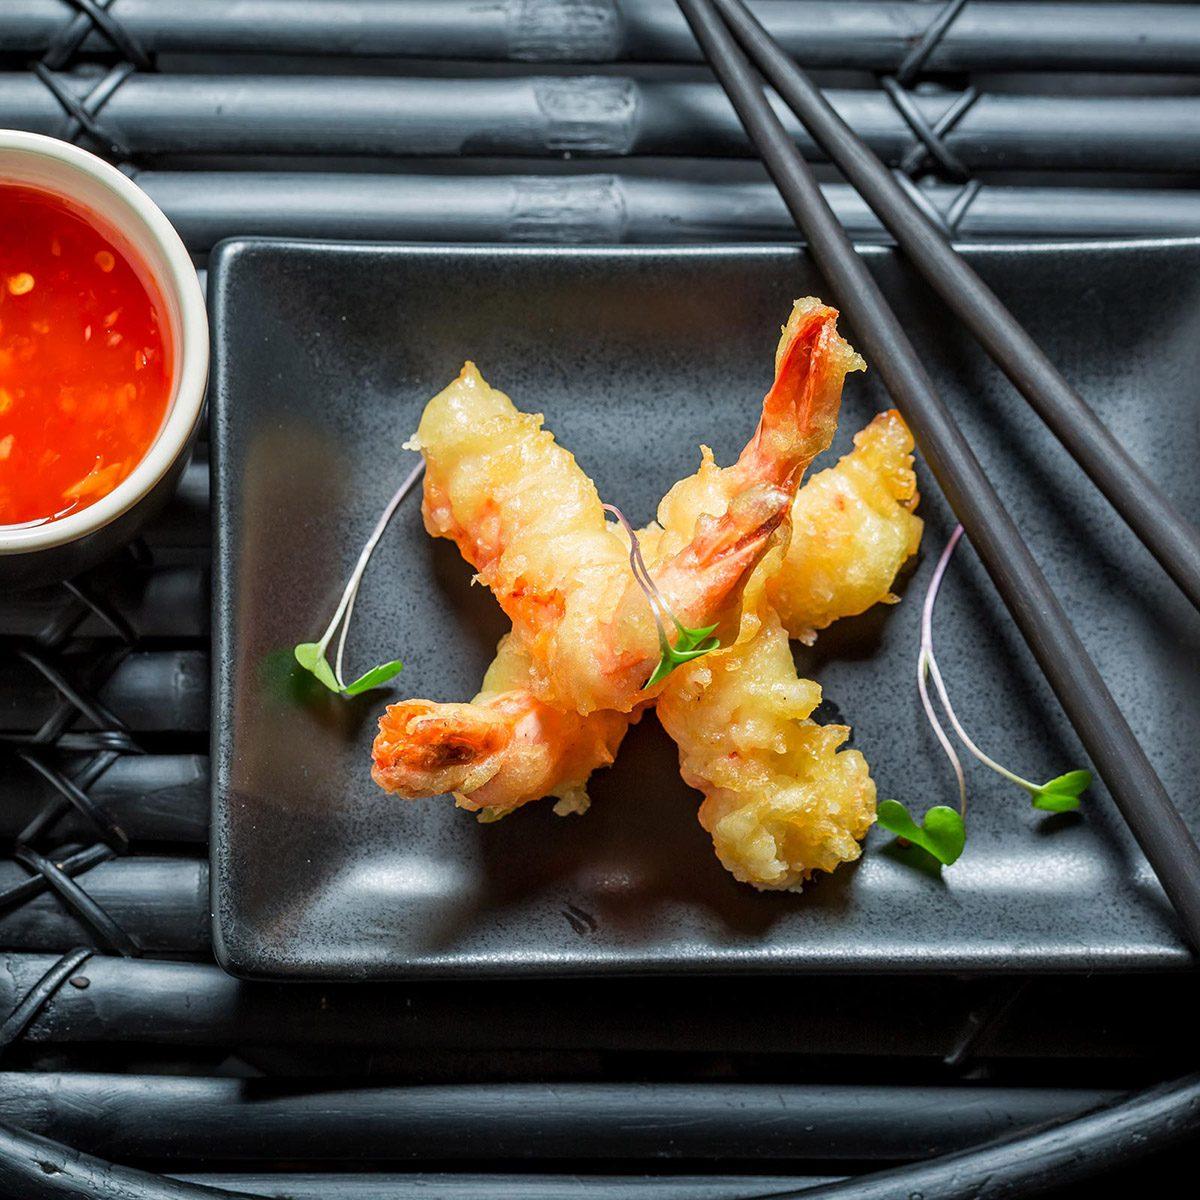 Tempura shrimp and sauce